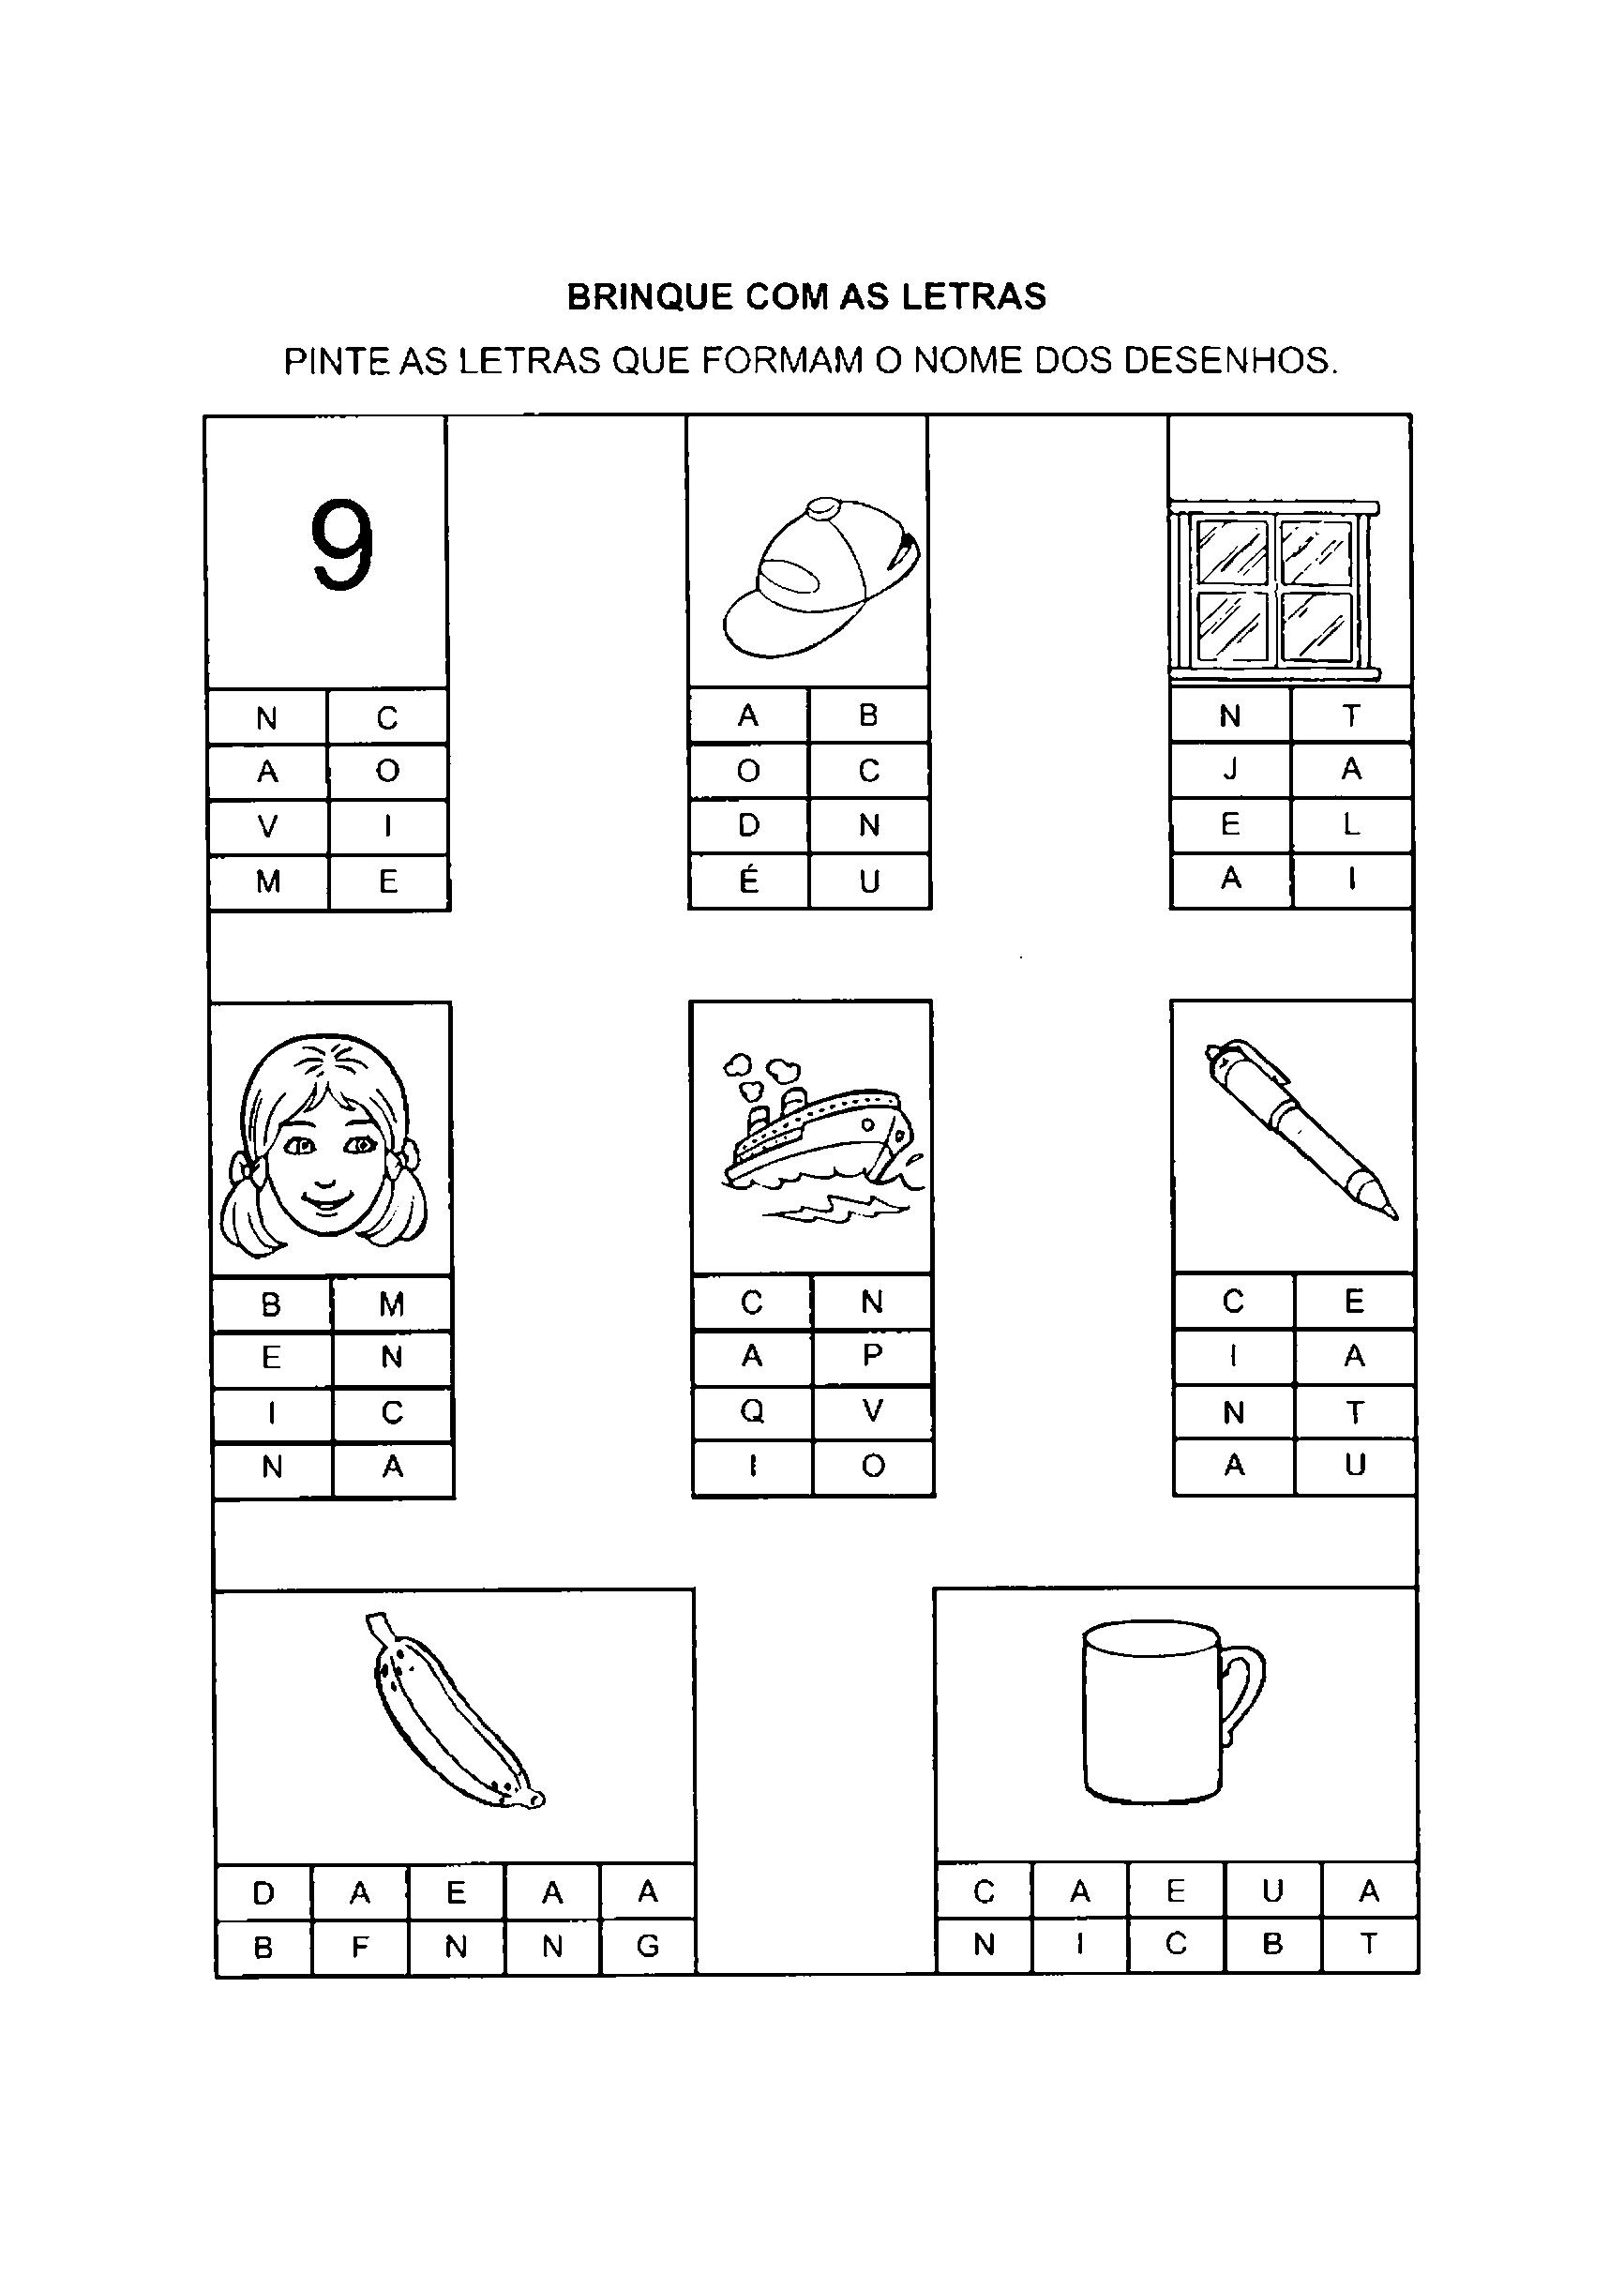 Tangram Legespiel besides Robos besides Garfield Papercraft further Figuras De Materiais Escolares moreover 20060314232210. on figuras para imprimir